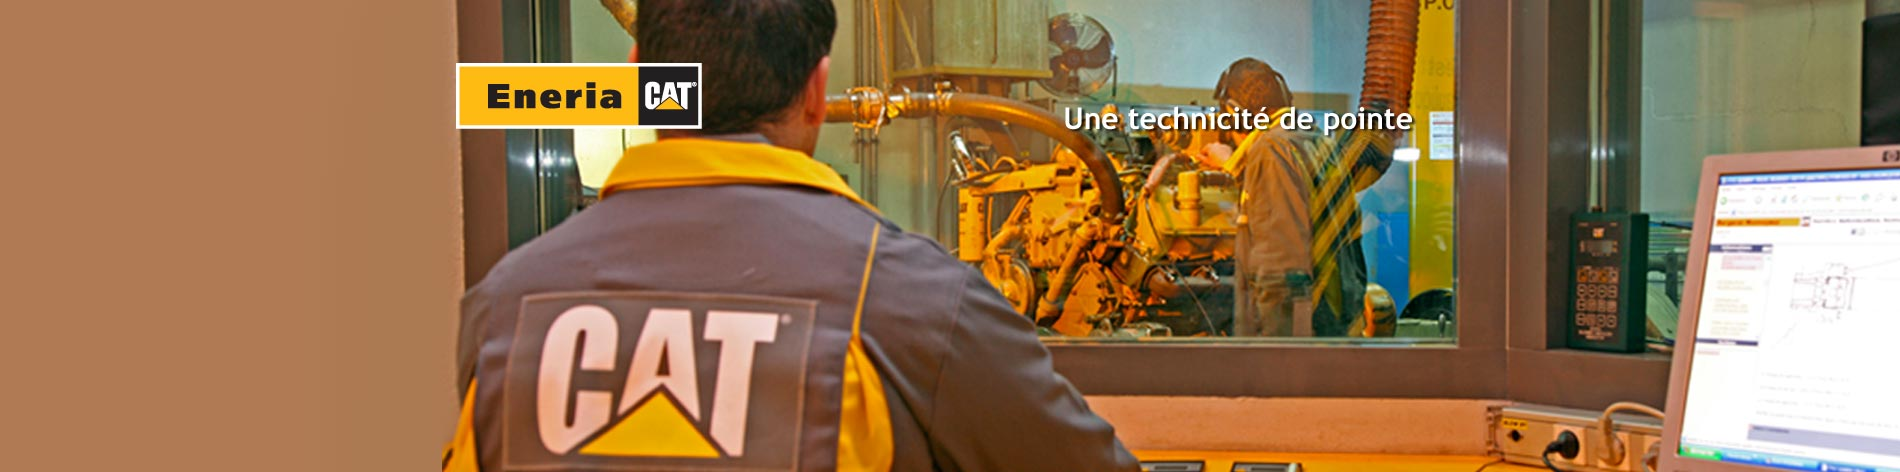 Au cœur de notre activité, les métiers techniques sont à la pointe de l'innovation et garantissent à nos clients un niveau élevé d'expertise.